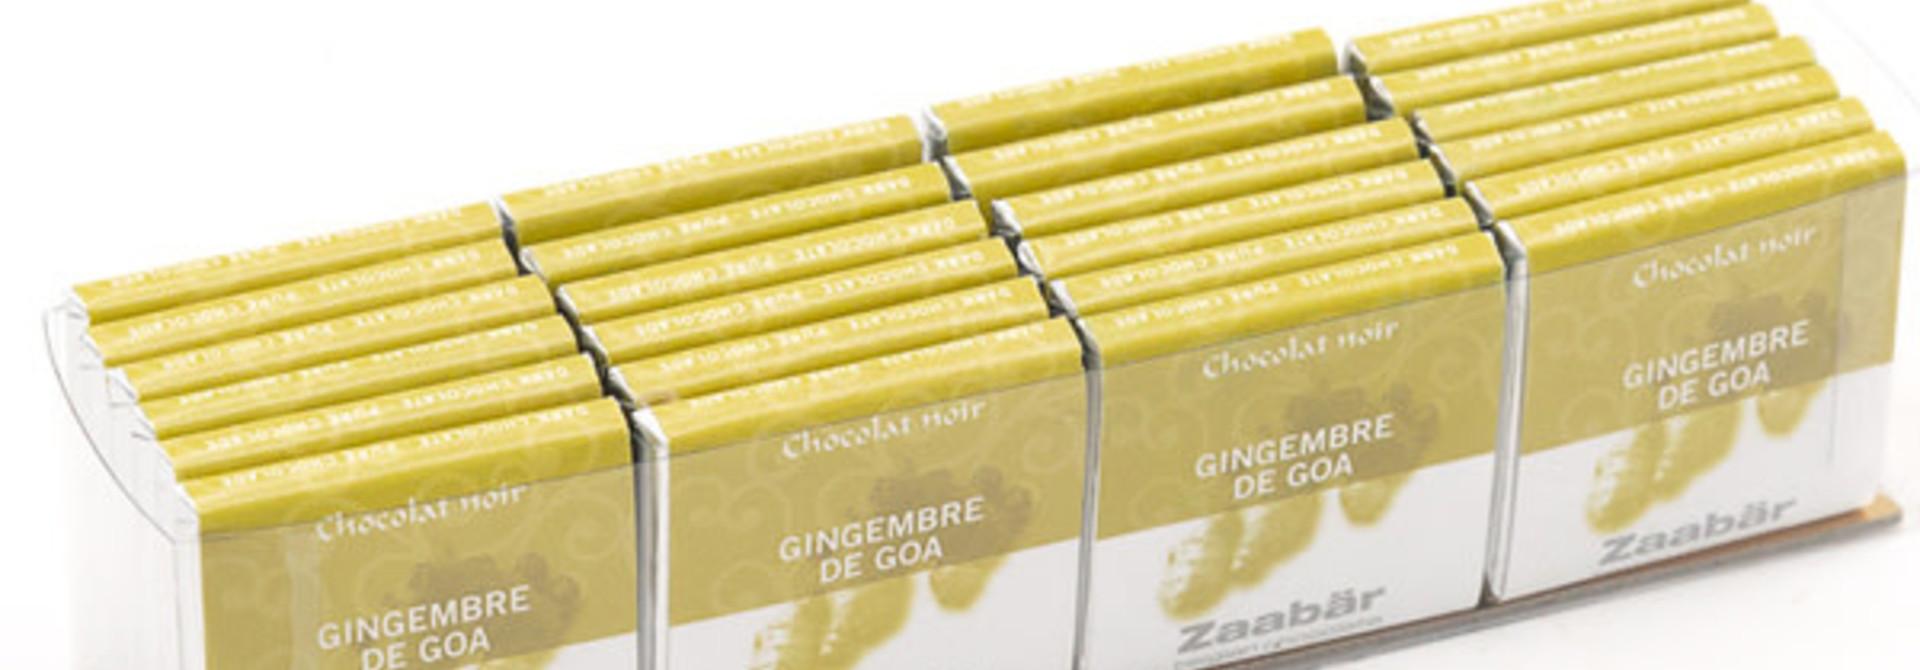 Noir gingembre 24 pieces